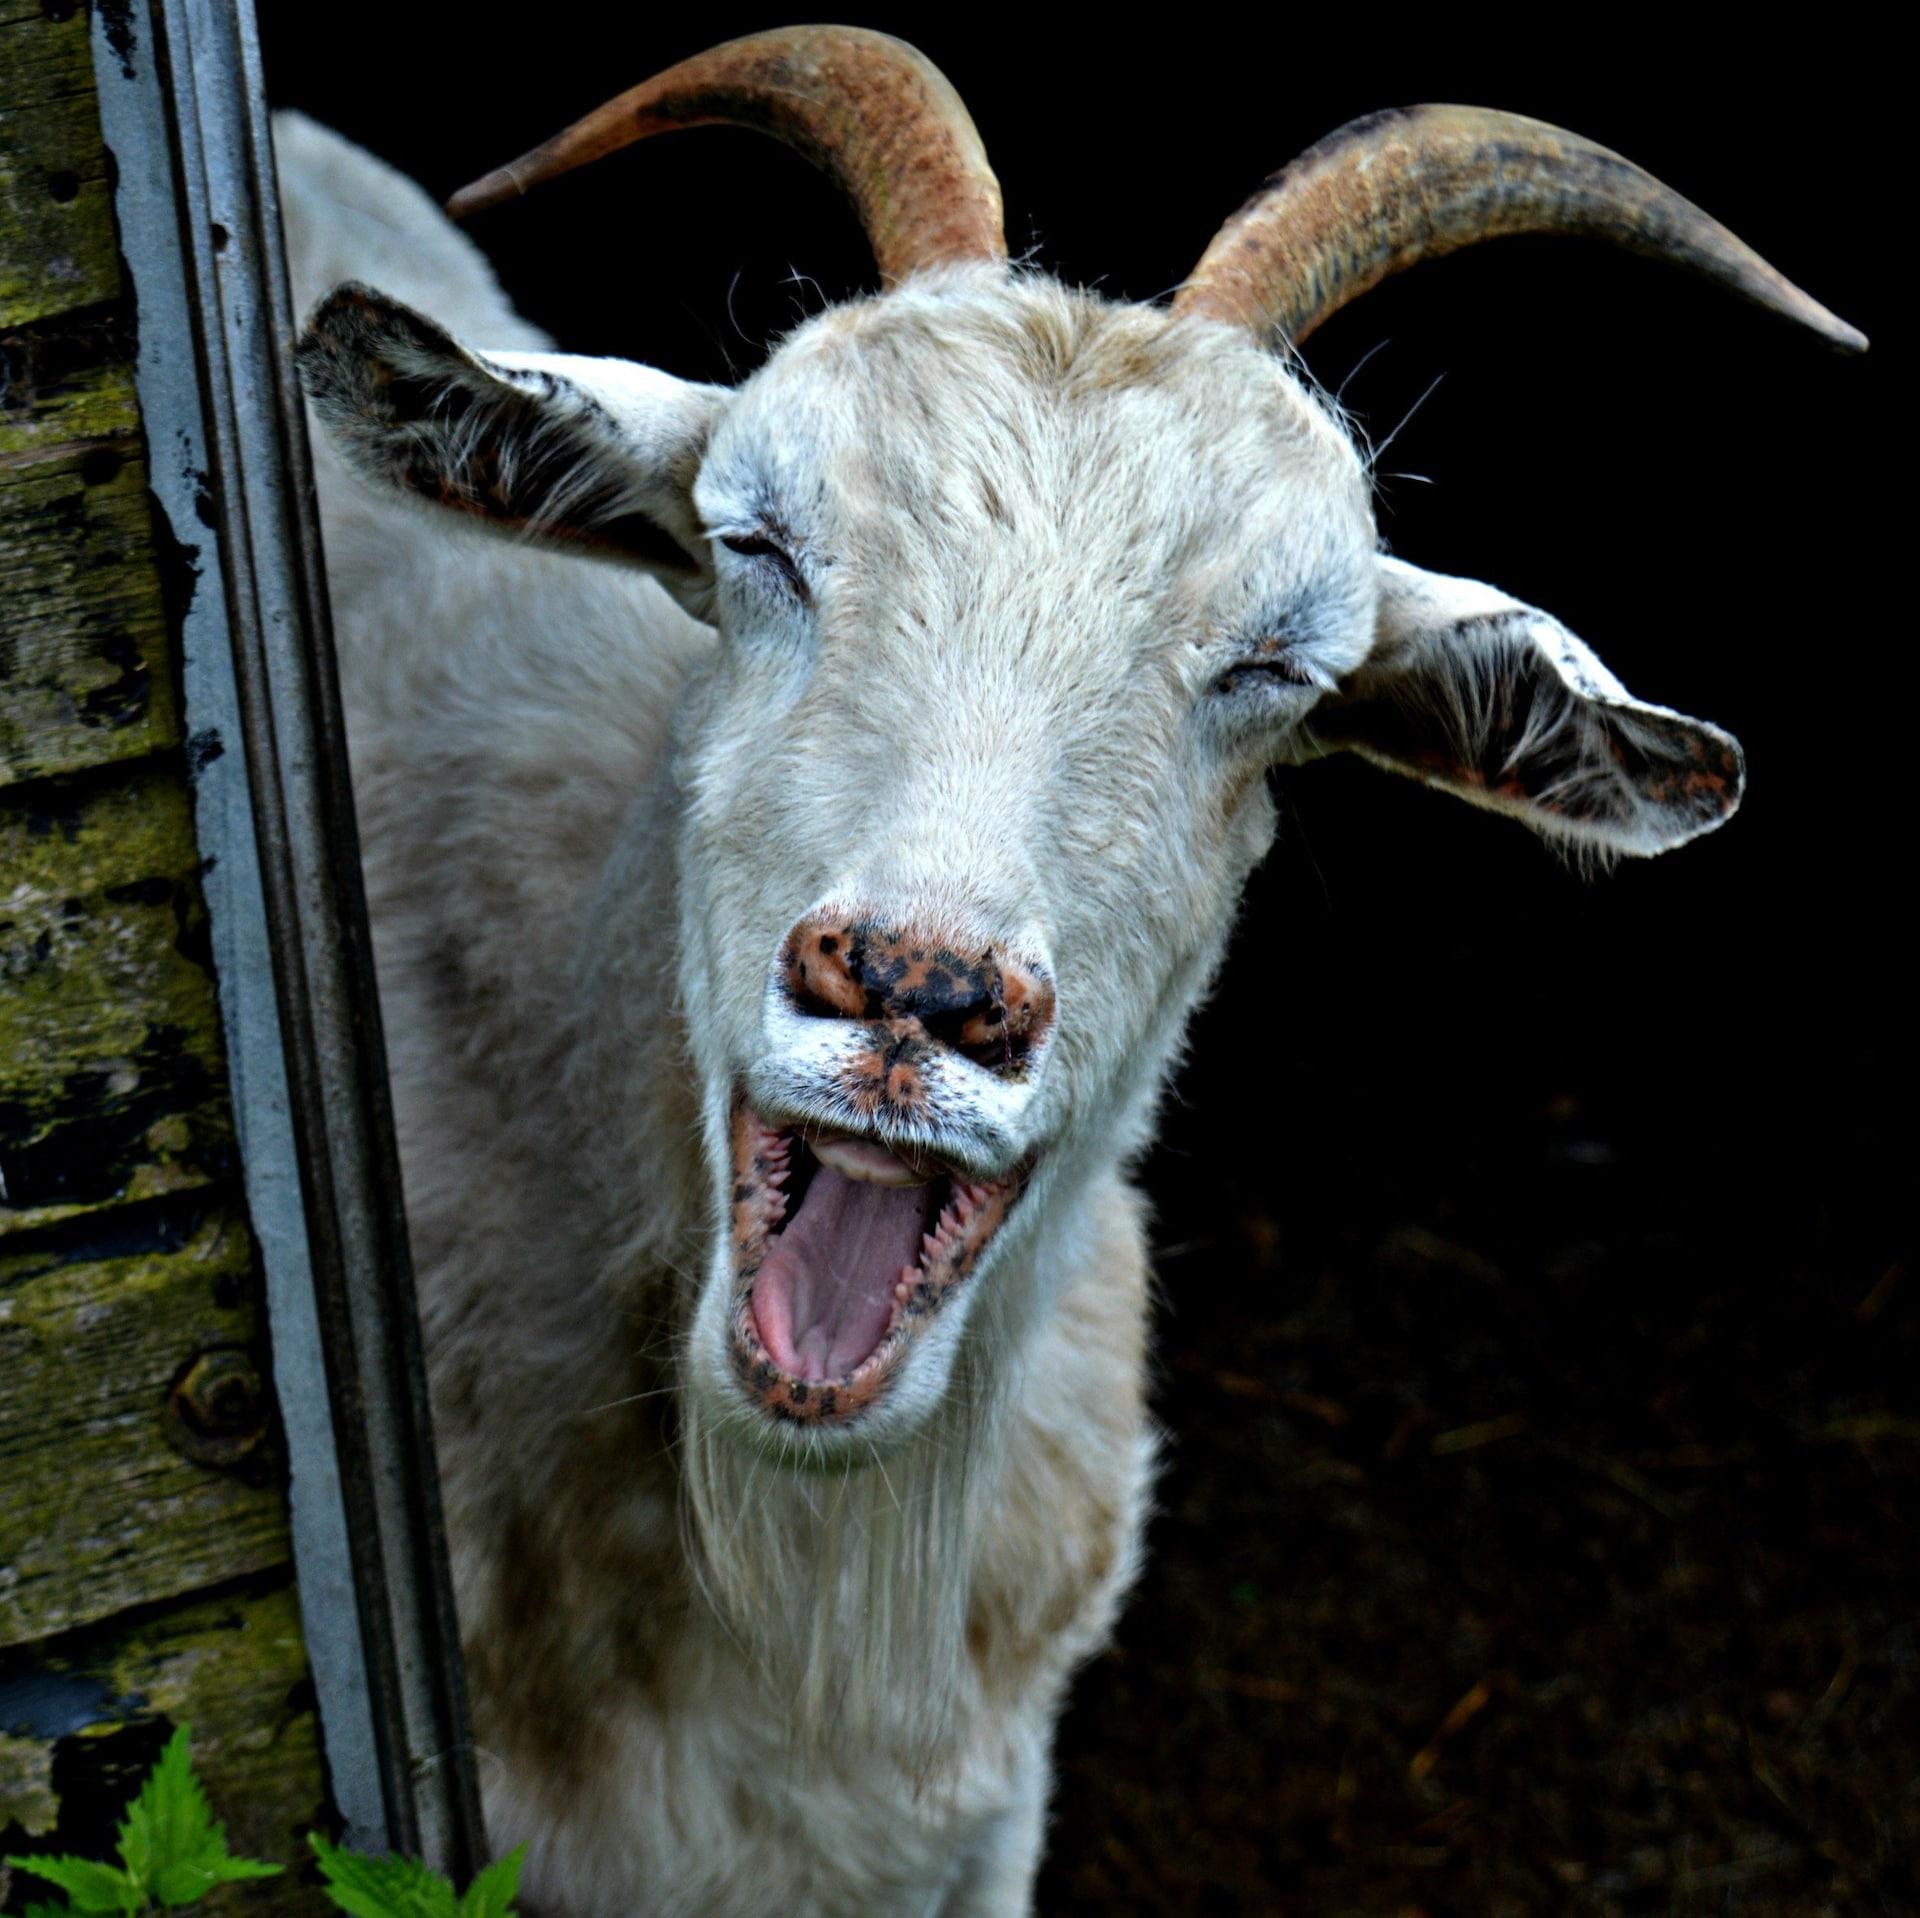 Осел пересказал анекдот козлу. Лиз Хаммонд, Великобритания.